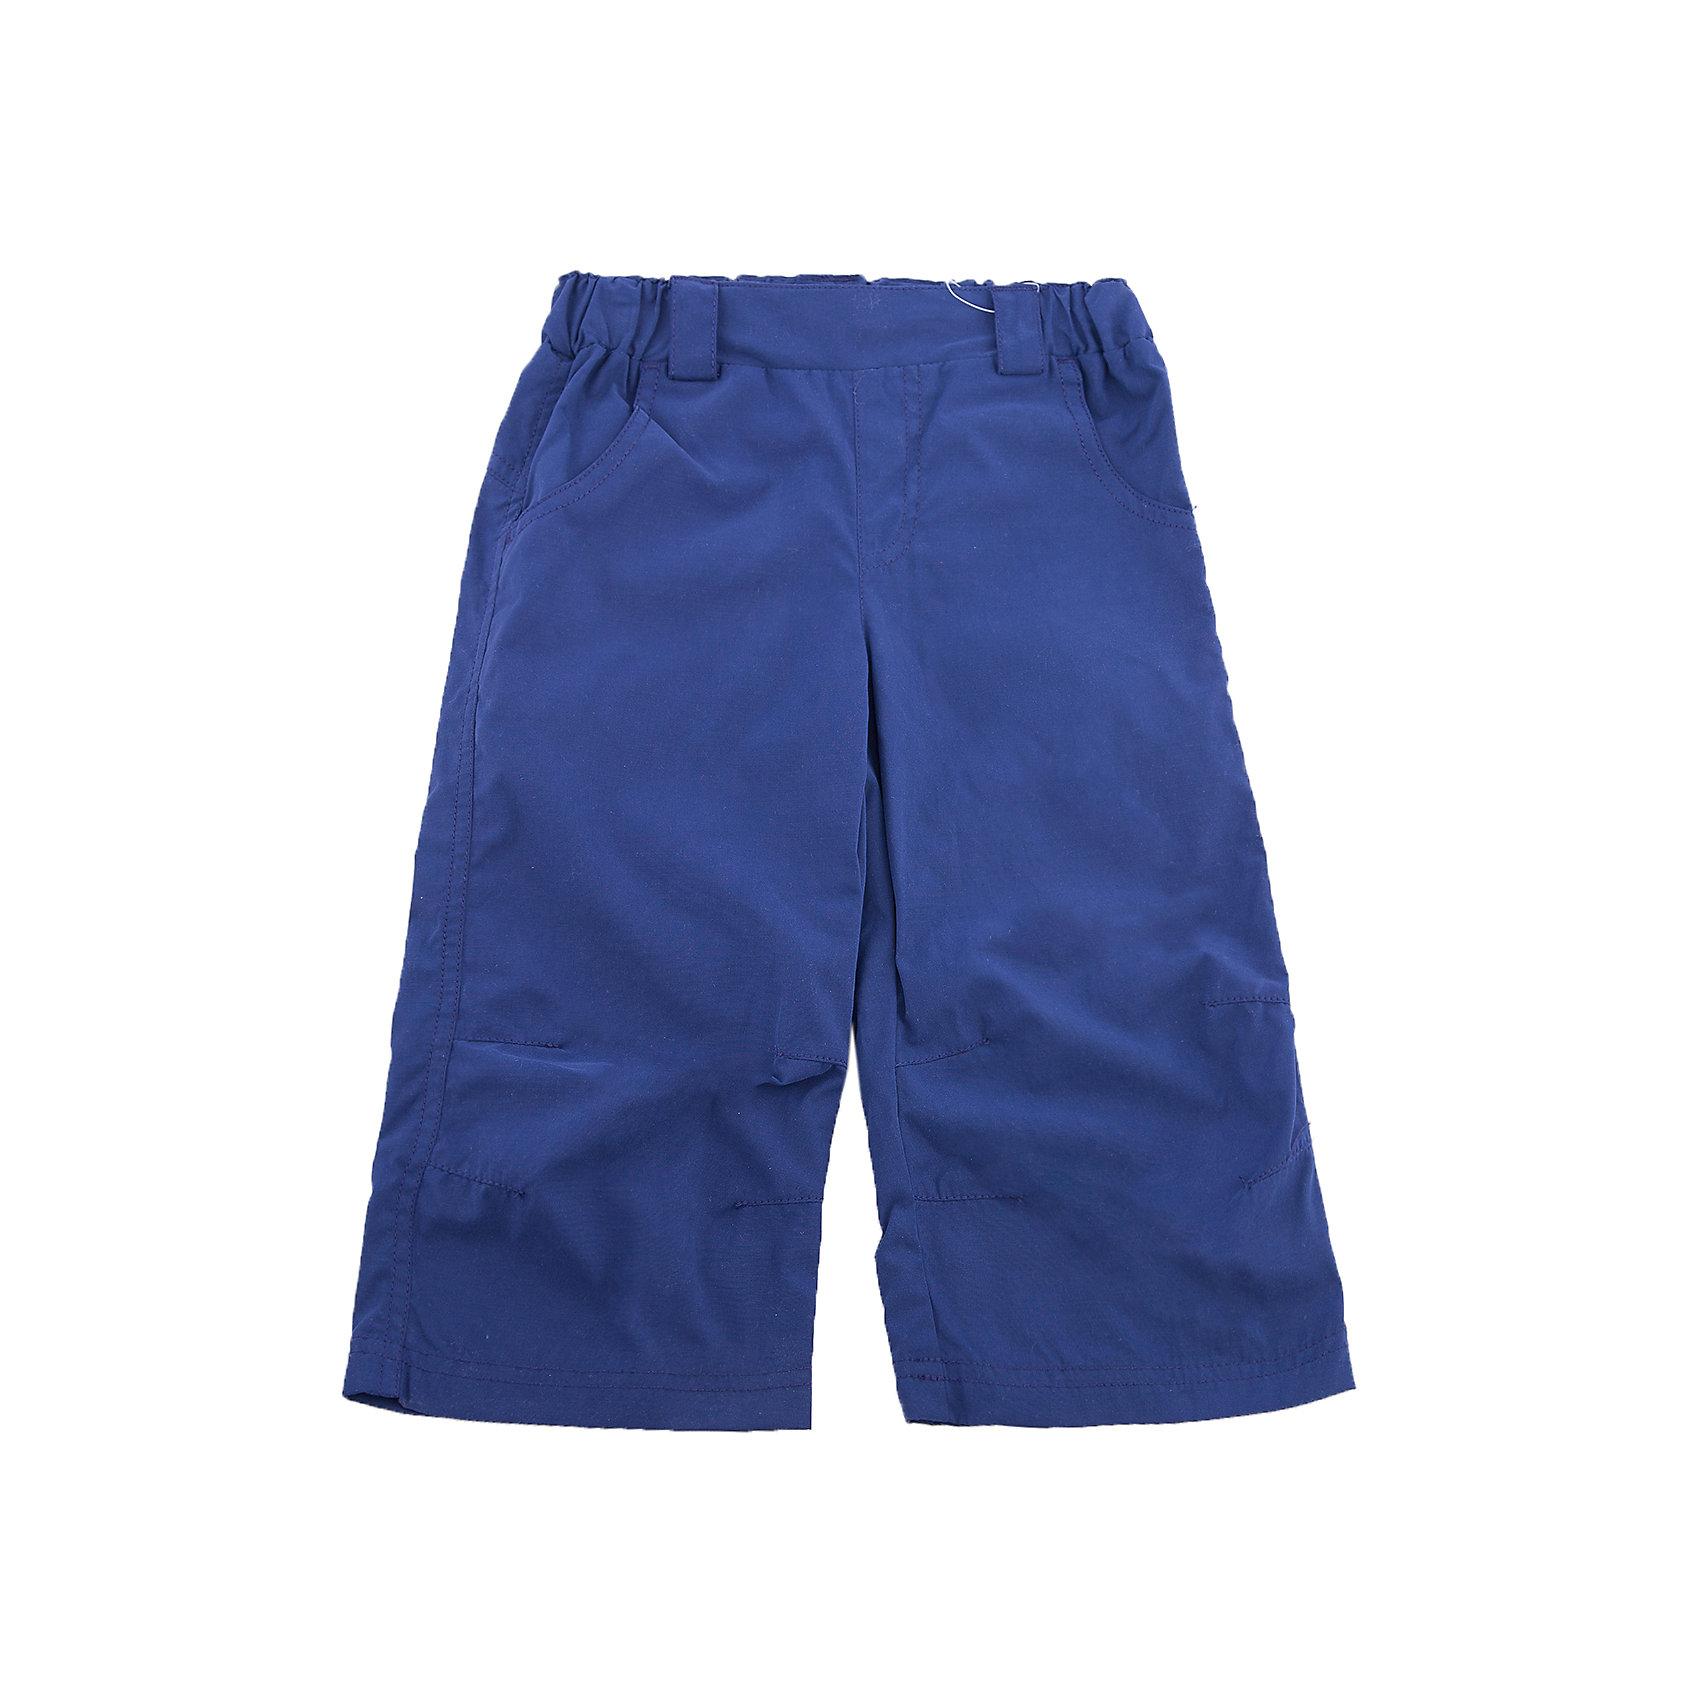 Бриджи LASSIEБриджи LASSIE (Ласси), синий от известного финского производителя теплой детской одежды Reima. Бриджи выполнены из сочетания полиэстера и хлопка, обладают высокой износоустойчивостью, водооталкивающими и грязеотталкивающими свойствами. Изделие устойчиво к изменению формы и цвета даже при длительном использовании. Форма бриджей выполнена в классическом стиле: прямые брючины, широкий пояс на резинке, на котором имеются шлевки для ремня, боковые карманы и имитация ширинки. В бриджах удобно и комфортно даже во время активных уличных игр.<br><br>Дополнительная информация:<br><br>- Предназначение: повседневная одежда<br>- Цвет: синий<br>- Пол: для мальчика<br>- Состав: 60% полиэстер, 40% хлопок<br>- Сезон: весна-осень<br>- Особенности ухода: стирать, предварительно вывернув изделие на левую сторону, не использовать отбеливающие вещества<br><br>Подробнее:<br><br>• Для детей в возрасте: от 7 лет и до 8 лет<br>• Страна производитель: Китай<br>• Торговый бренд: Reima, Финляндия<br><br>Бриджи LASSIE (Ласси), синий можно купить в нашем интернет-магазине.<br><br>Ширина мм: 215<br>Глубина мм: 88<br>Высота мм: 191<br>Вес г: 336<br>Цвет: синий<br>Возраст от месяцев: 36<br>Возраст до месяцев: 48<br>Пол: Унисекс<br>Возраст: Детский<br>Размер: 104,128,92,140,98,110,134,122,116<br>SKU: 4632733